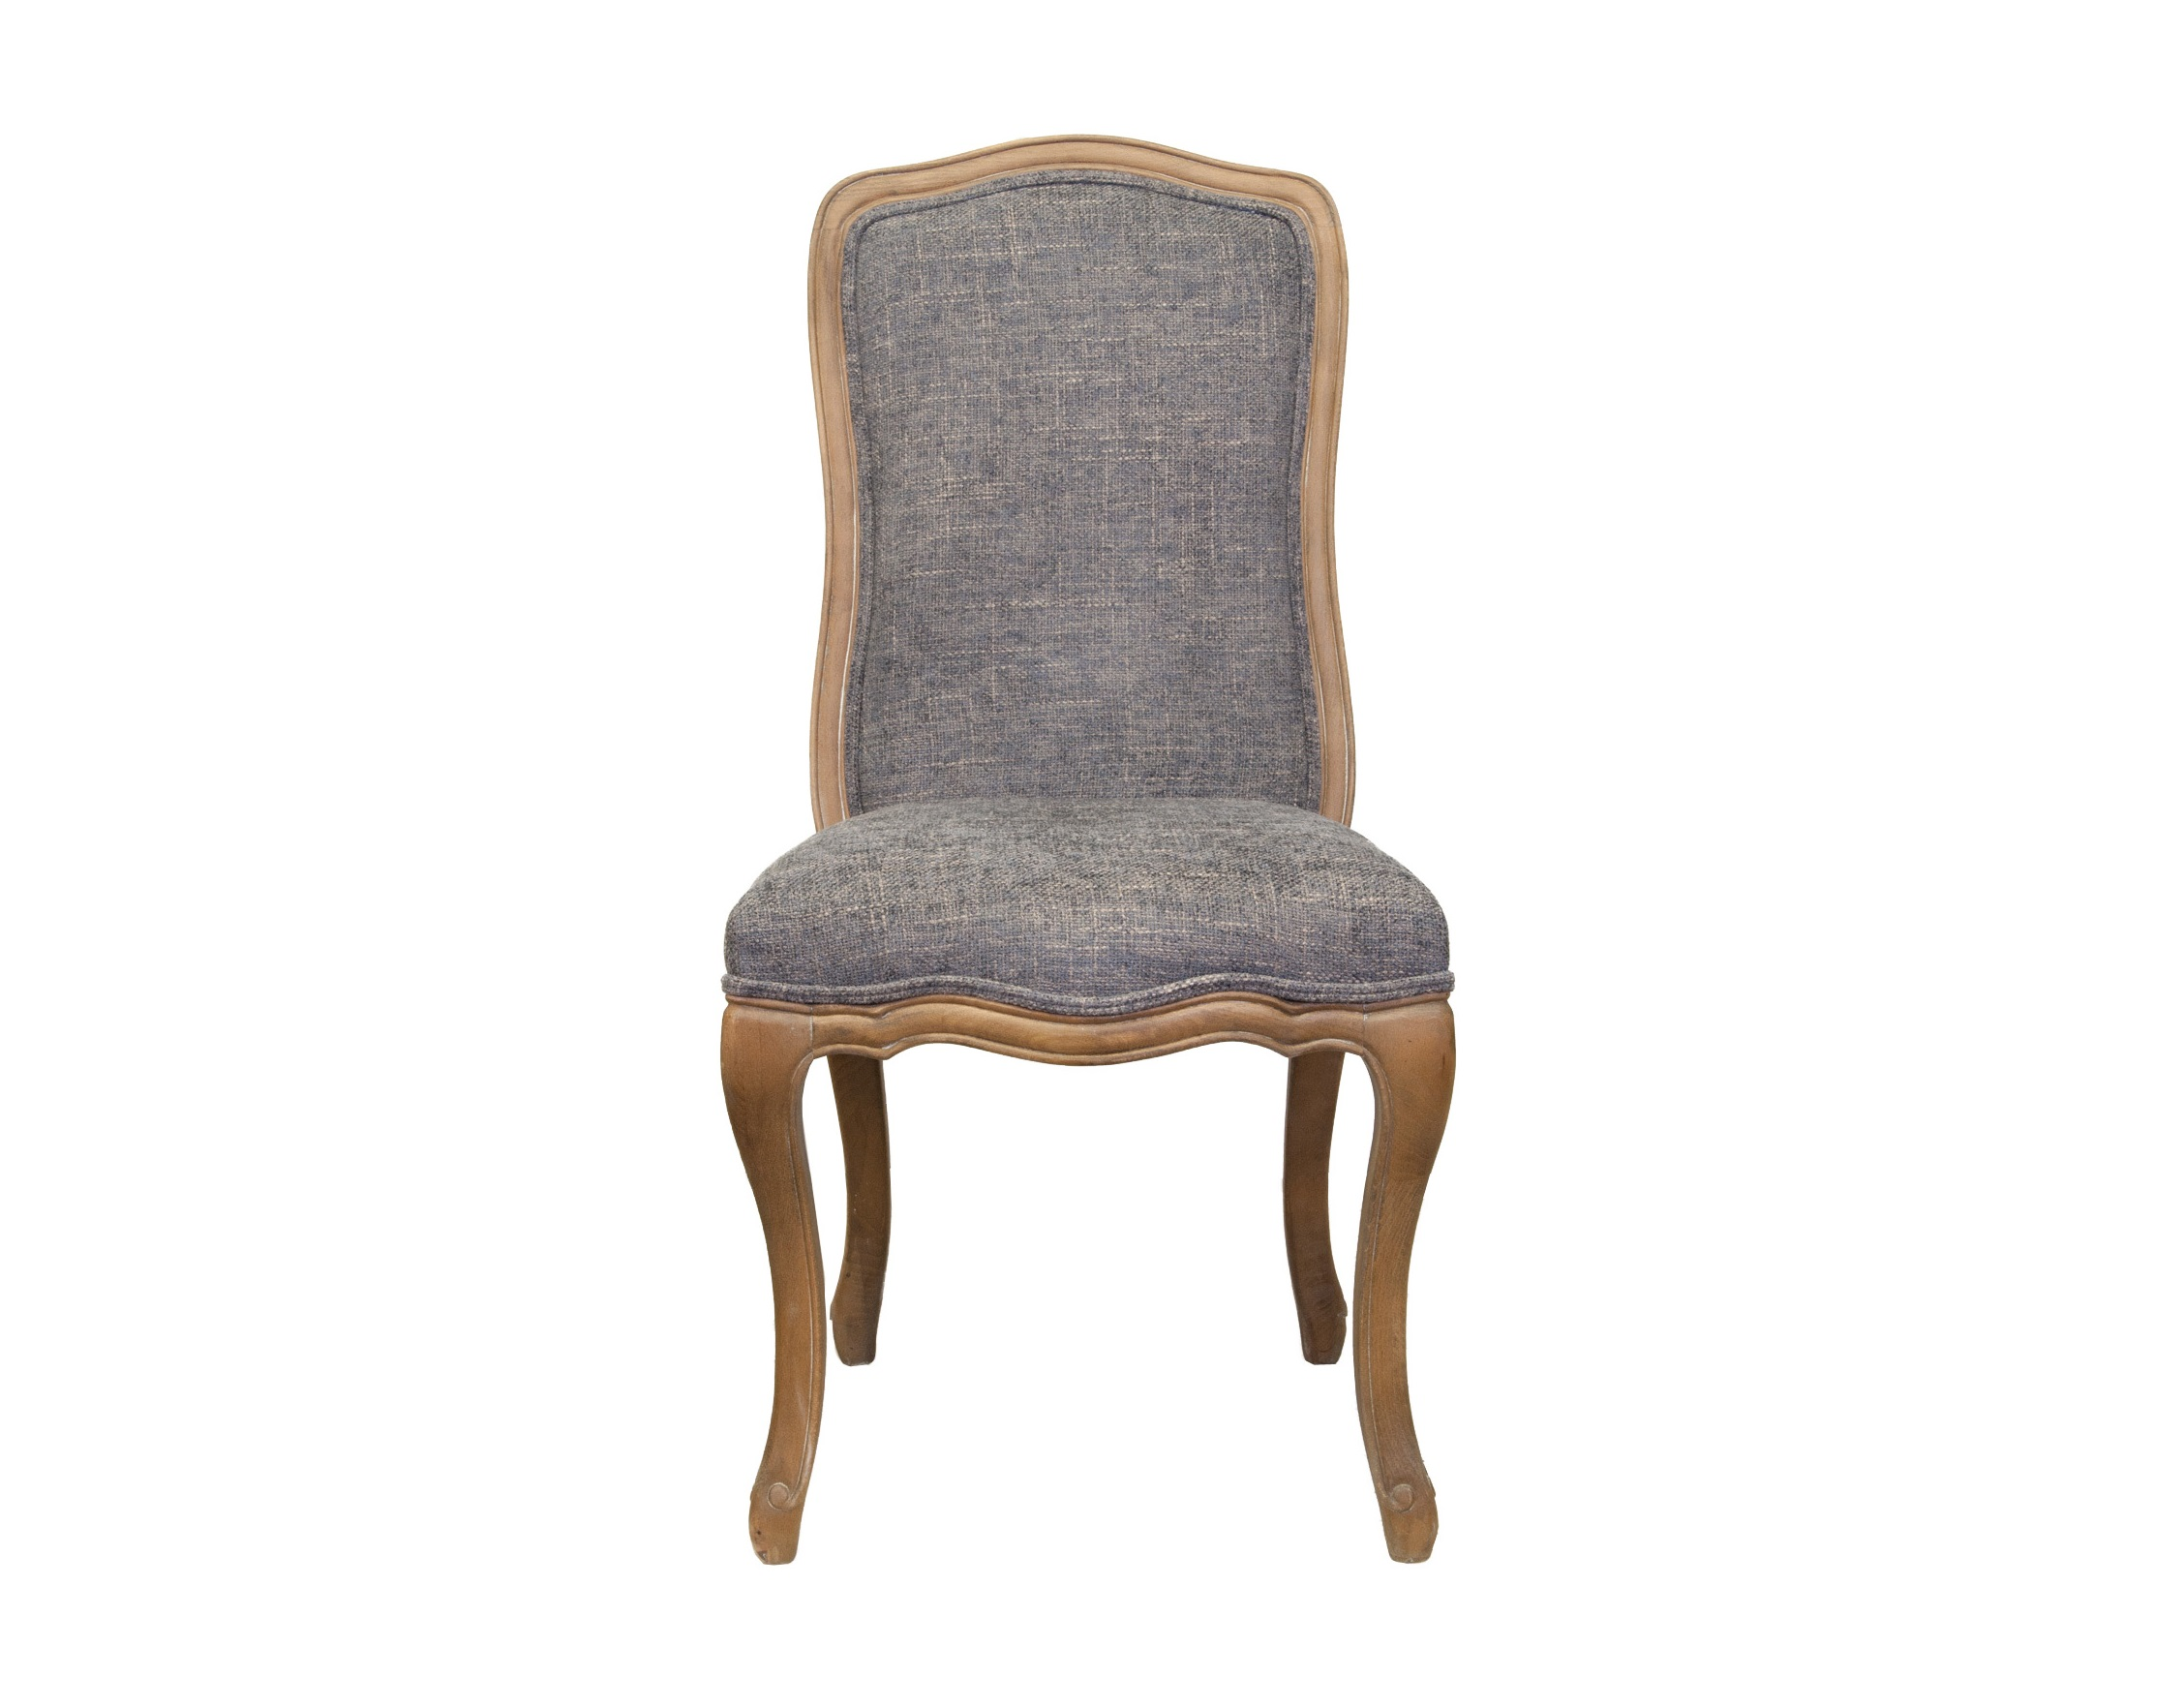 Стул WenterОбеденные стулья<br>Выполнен в элегантном классическом стиле с изящной спинкой. Стул сделан из ценной древесной породы - массива дуба, искусственно состраренного. Ткань обивки выполнена из льна - экологически чистого и приятного материала на ощупь.&amp;amp;nbsp;<br><br>Material: Дуб<br>Width см: 50<br>Depth см: 59<br>Height см: 101